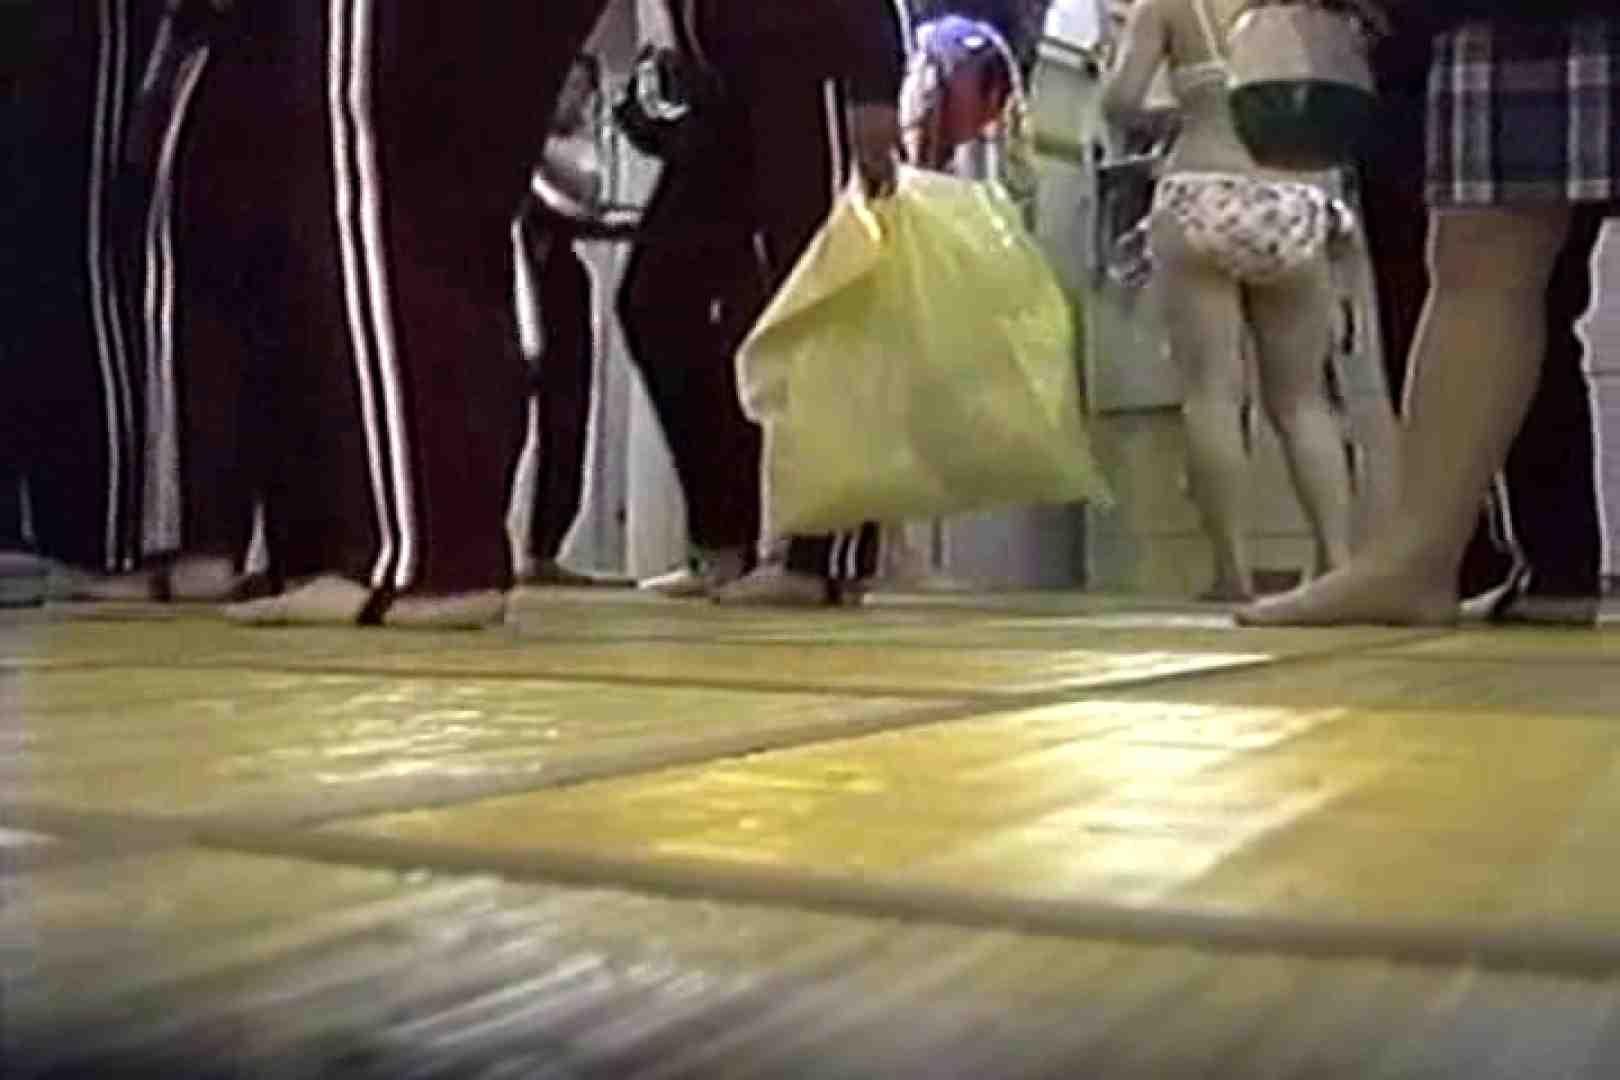 (9月21日配信停止)超・痴覚の眼 修学旅行TNK-09 脱衣所 のぞき濡れ場動画紹介 93連発 14